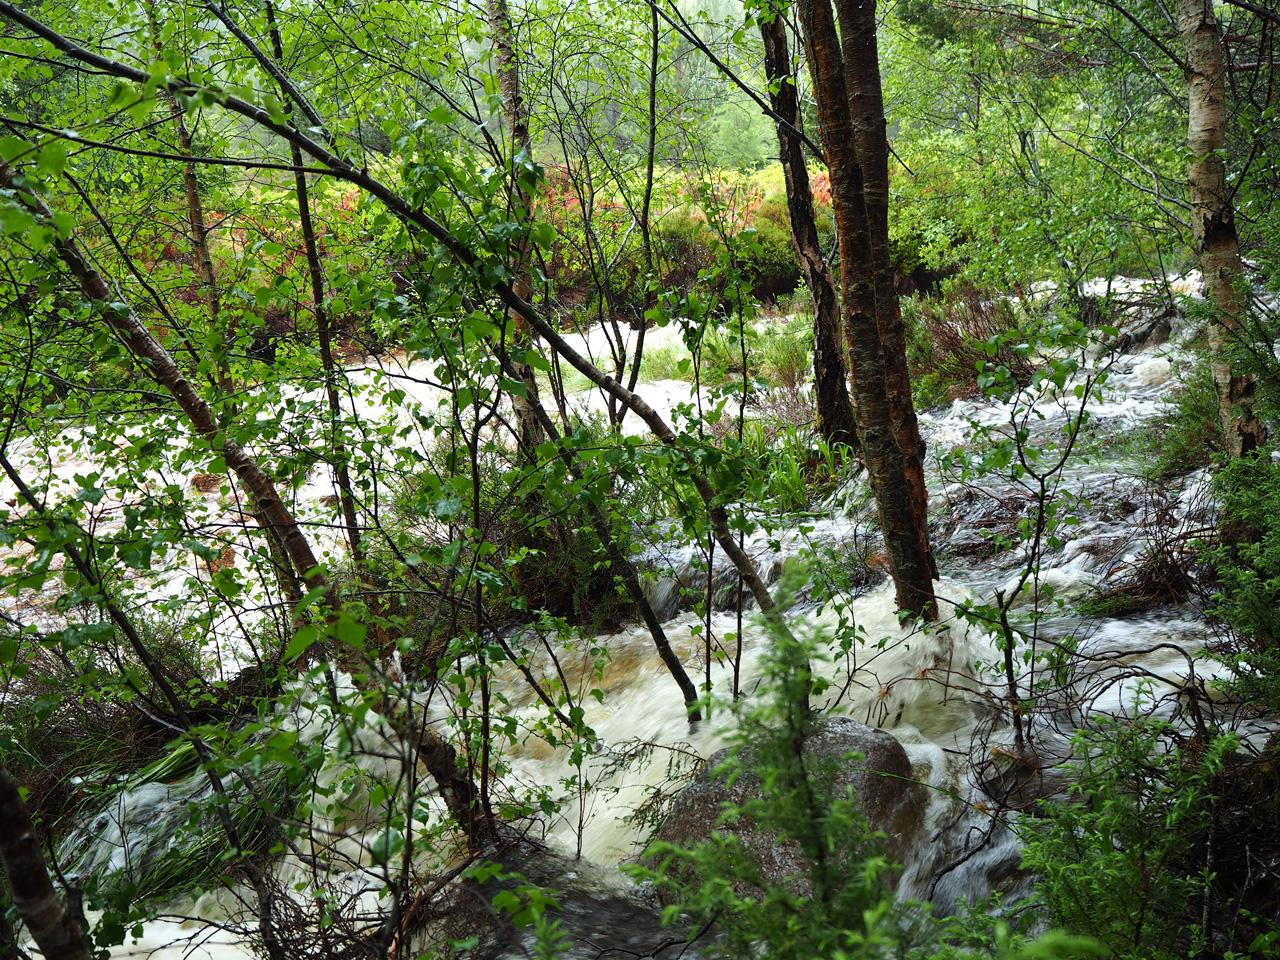 het water komt door het bos op ons af